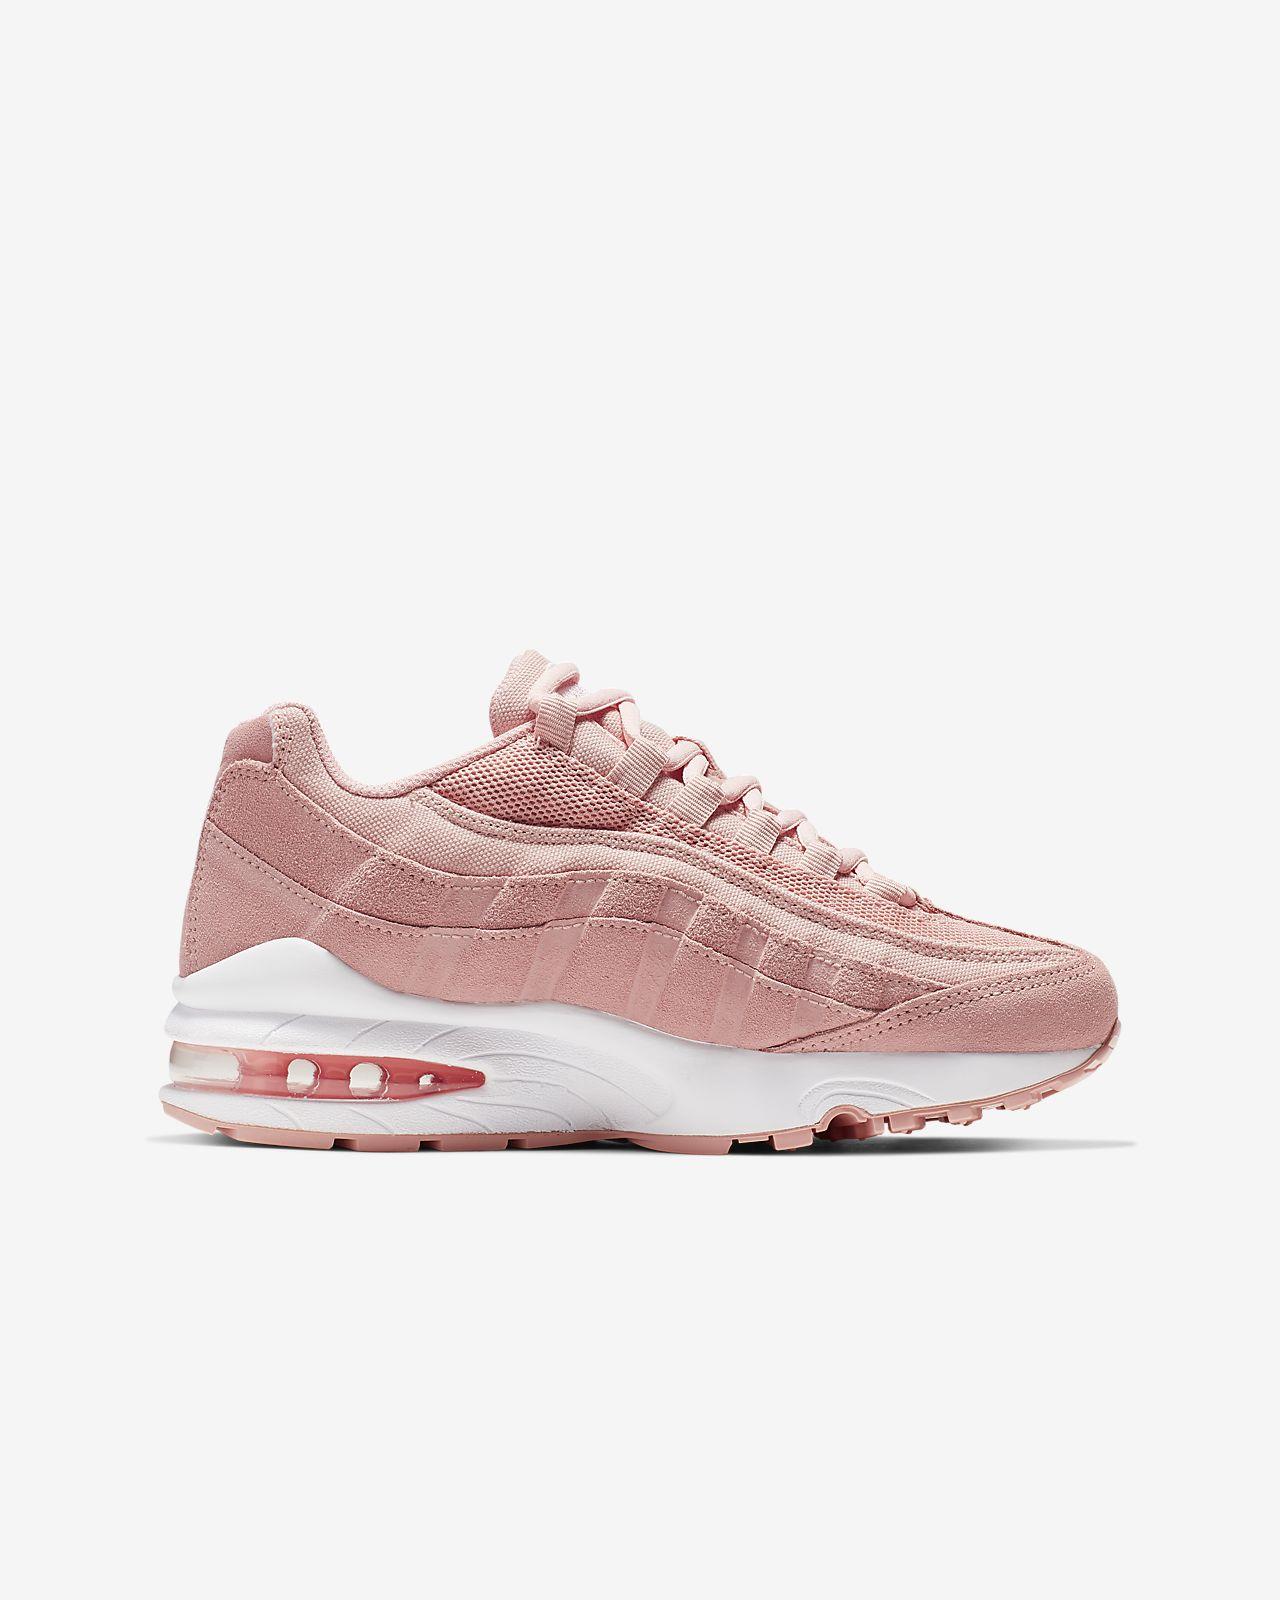 buy online 93484 6dcfc ... Nike Air Max 95 PE Big Kids  Shoe